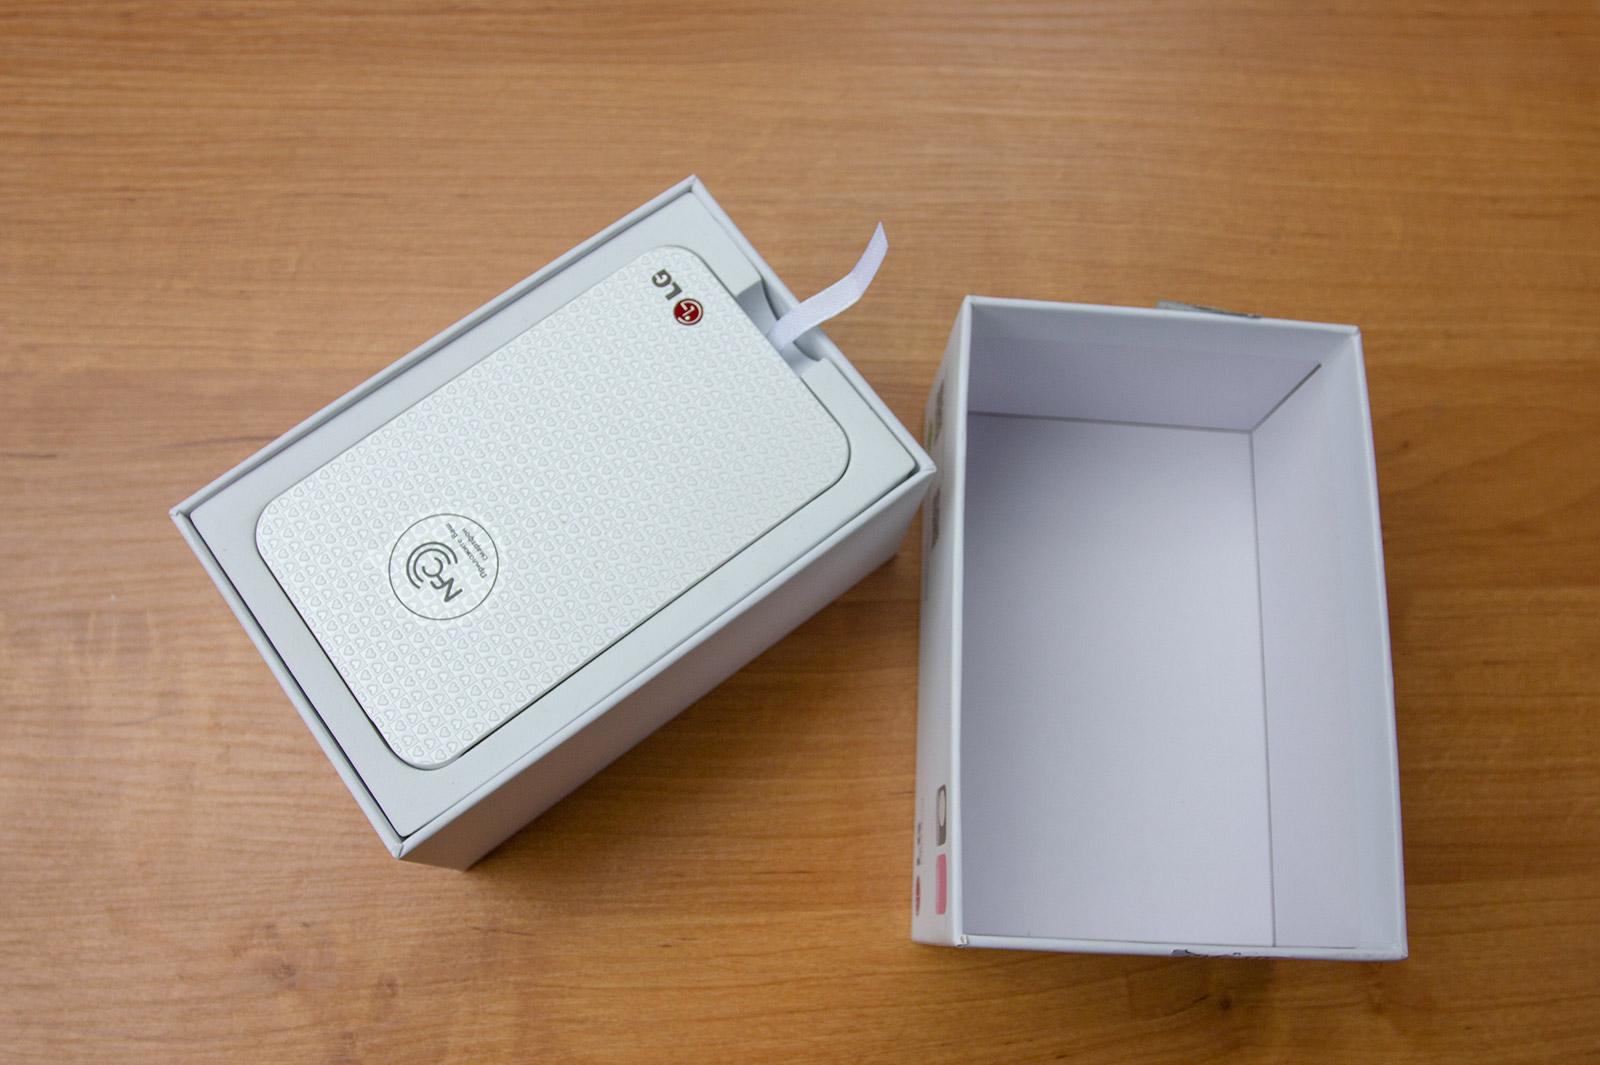 Мини принтер LG: карманная фотолаборатория